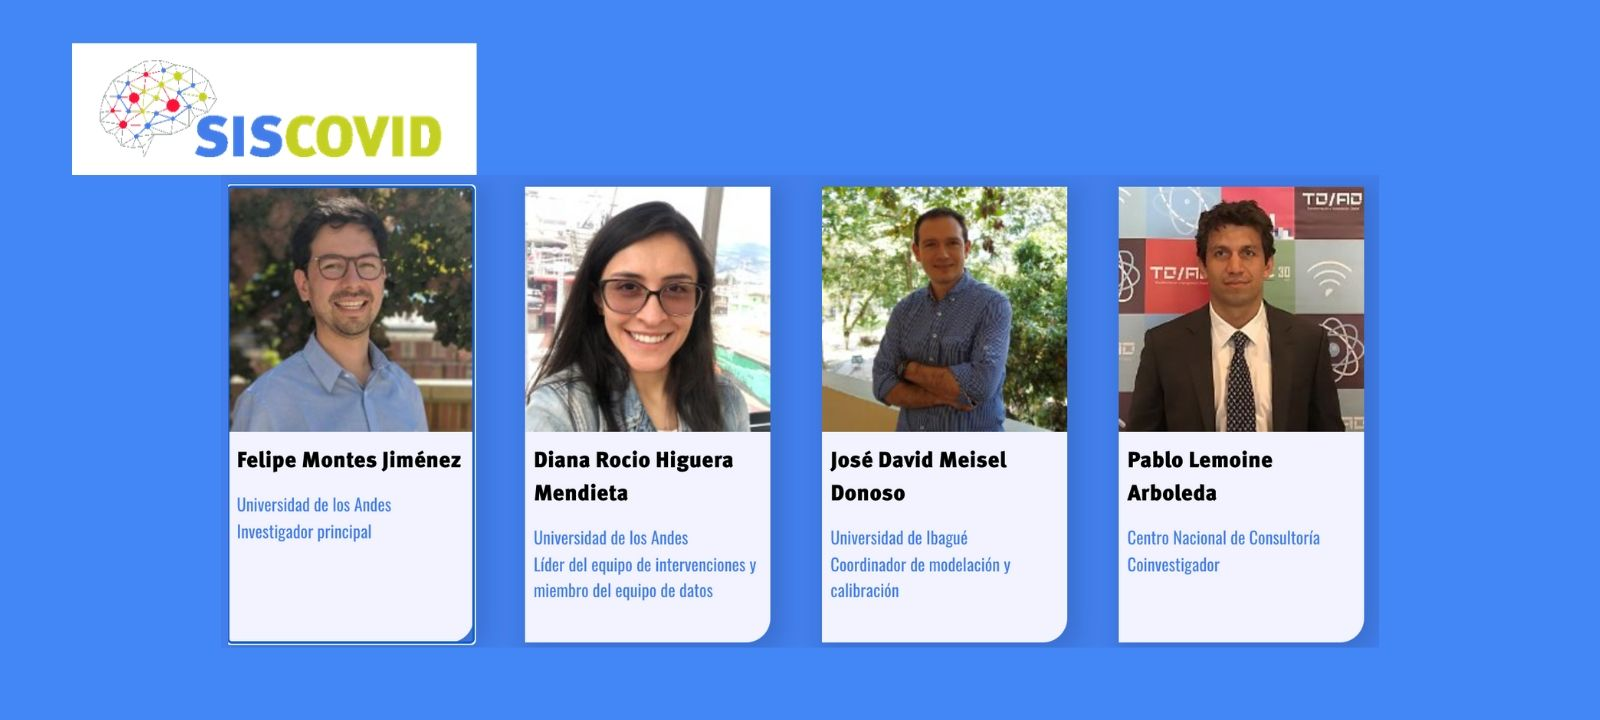 Siscovid - Proyecto Felipe Montes, profesor asistente de Ingeniería Industrial